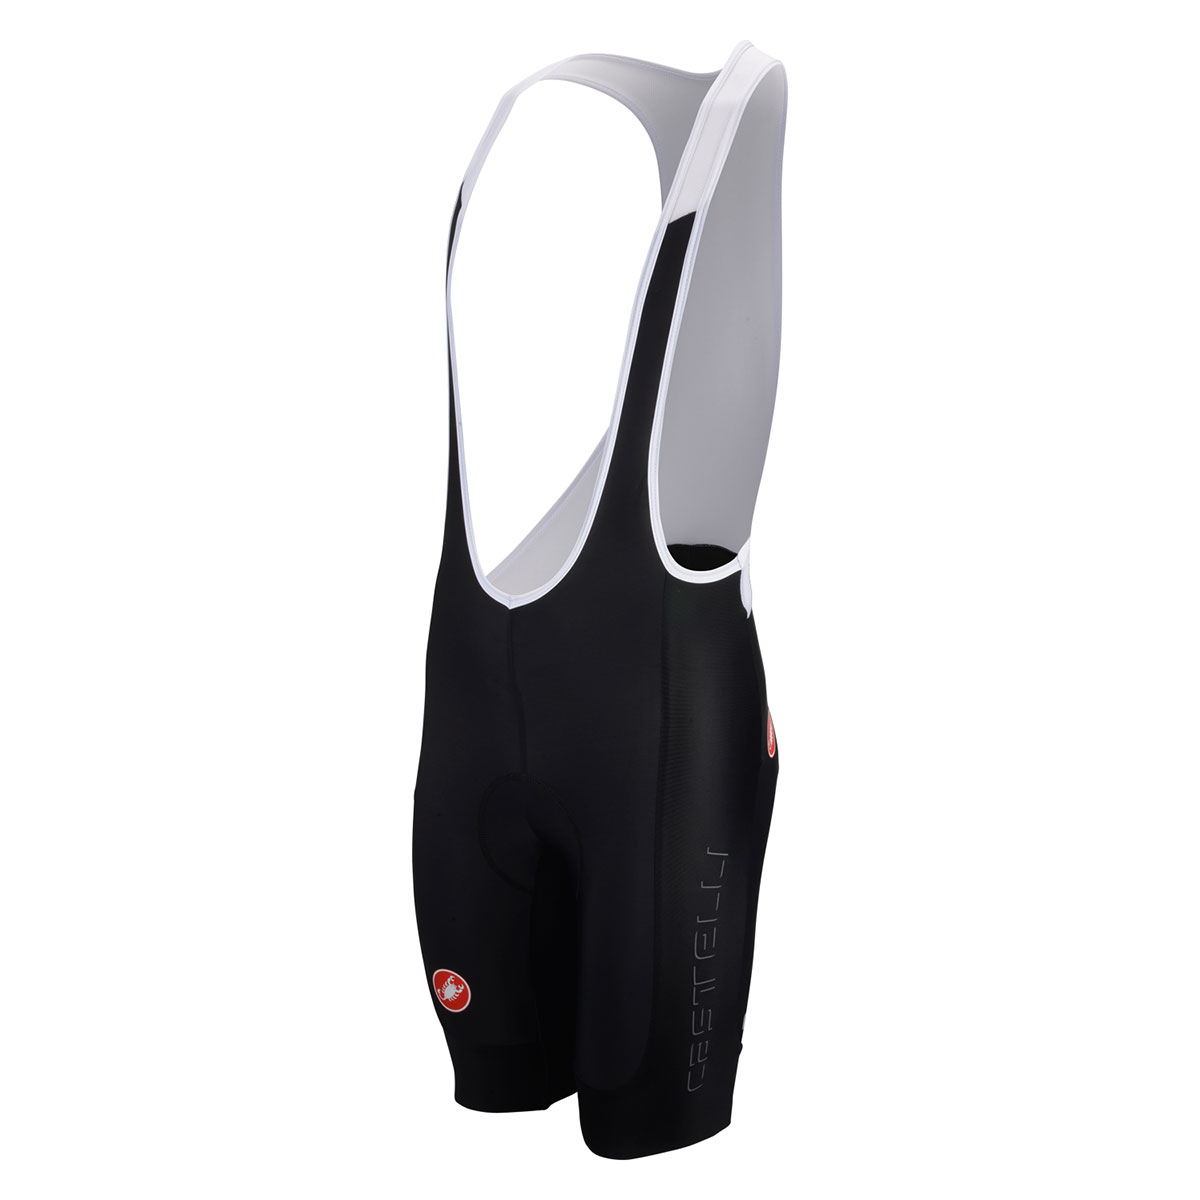 dd1af2e91 Castelli Evoluzione 2 Men s Cycling Bib Shorts Black Large